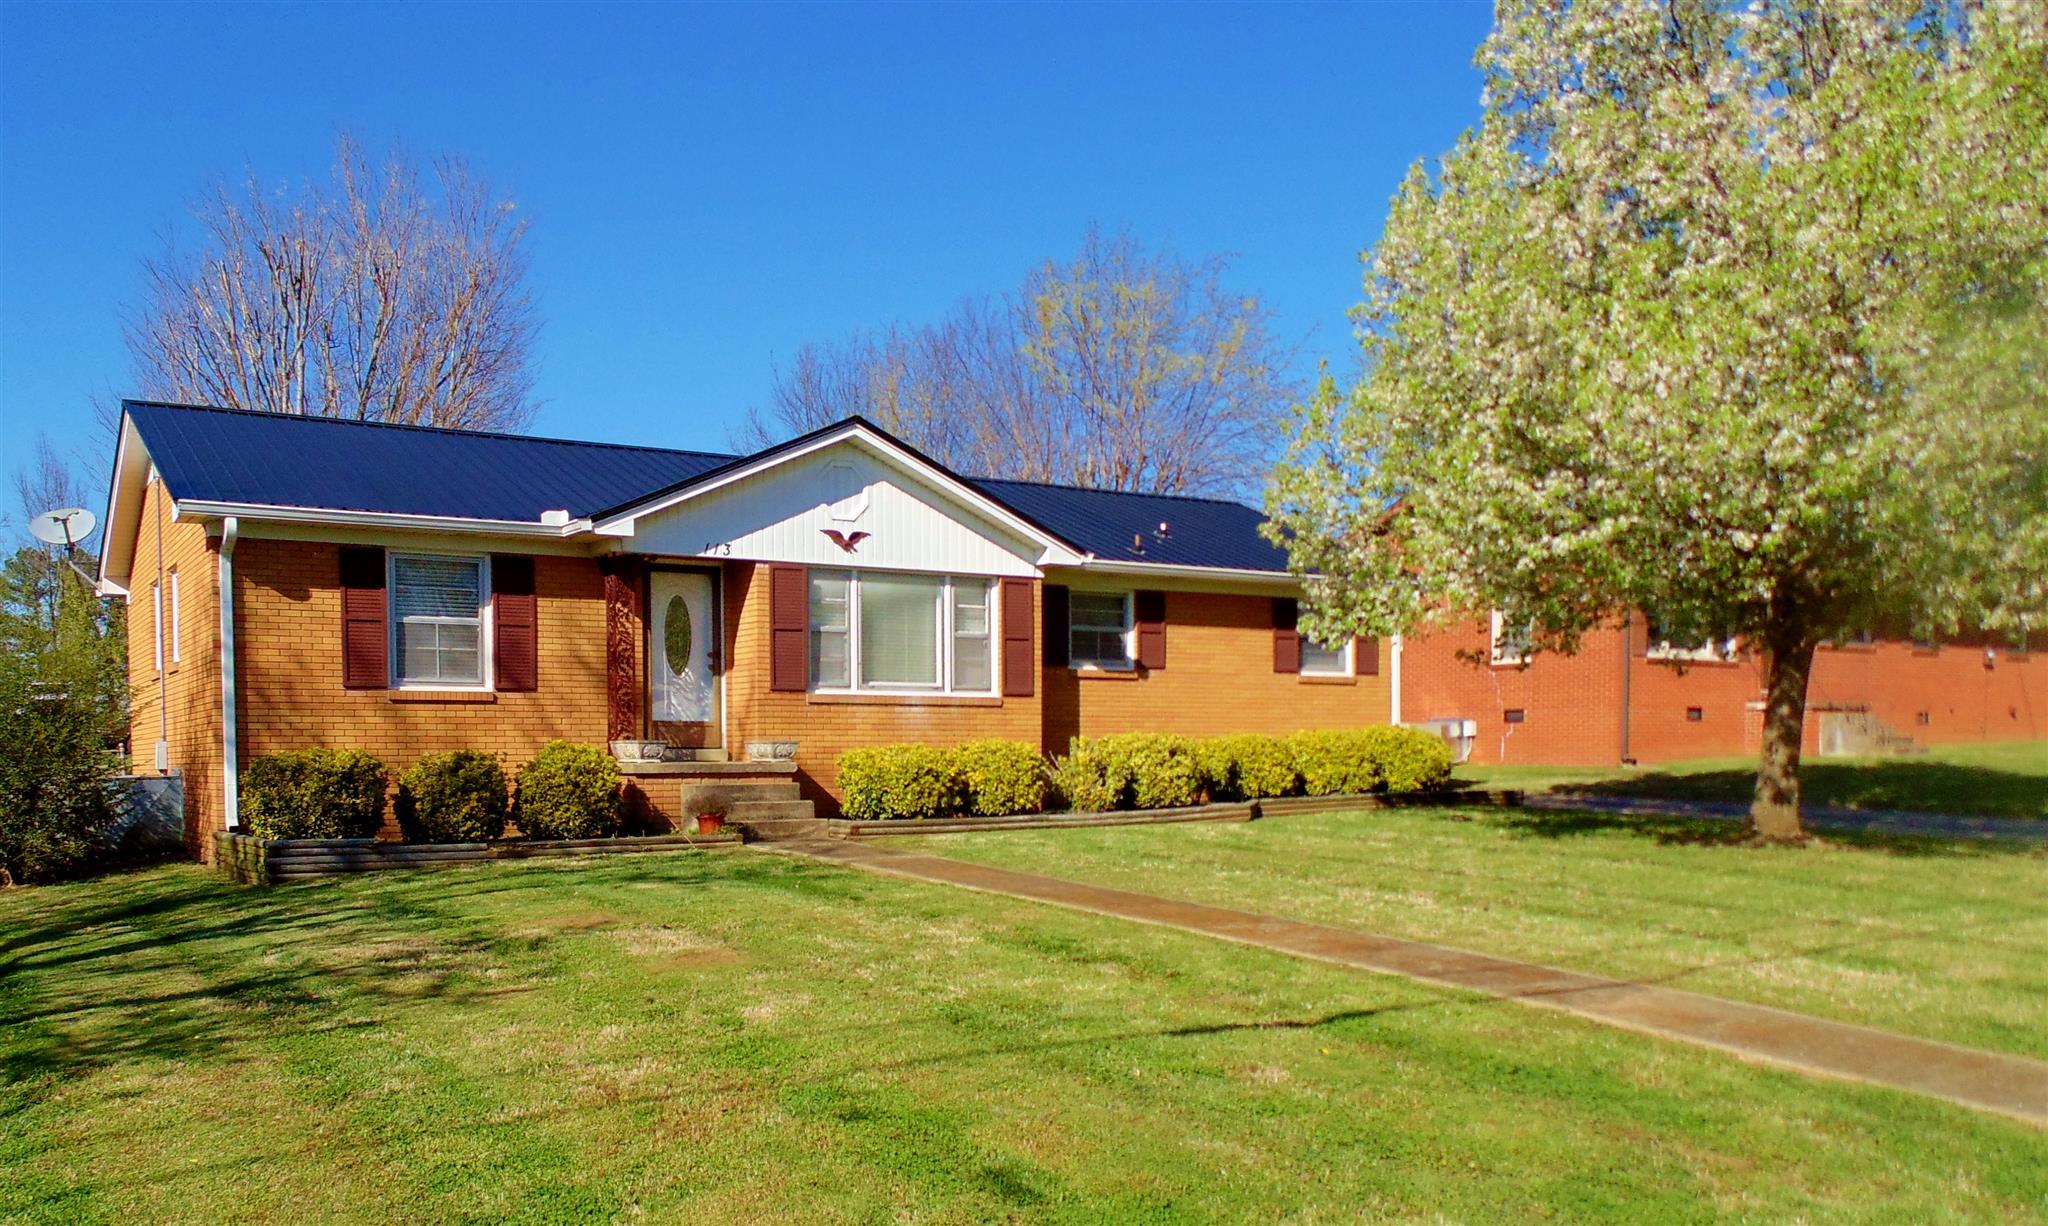 113 Enden Ave, Shelbyville, TN 37160